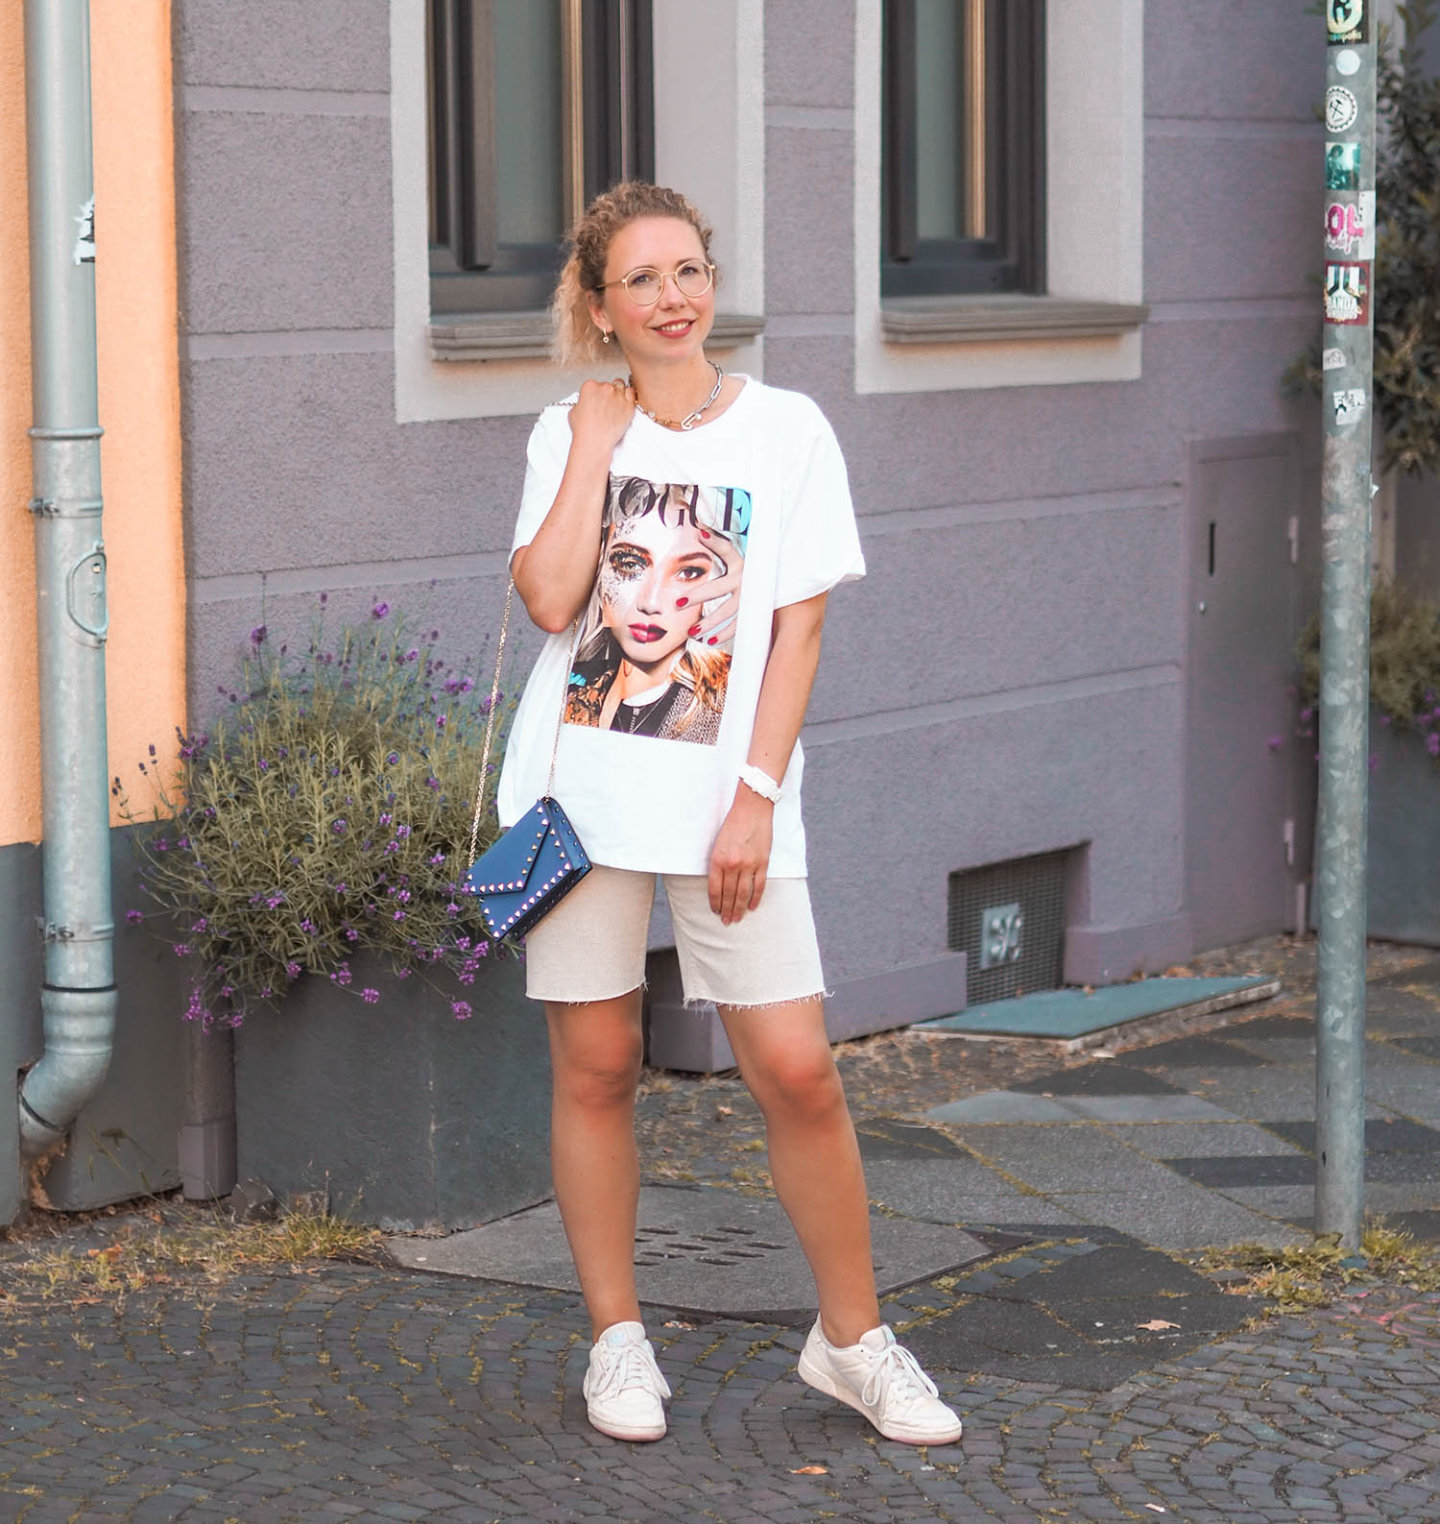 Sommeroutfit mit oversized VOGUE T-Shirt und Jeans Bermudas